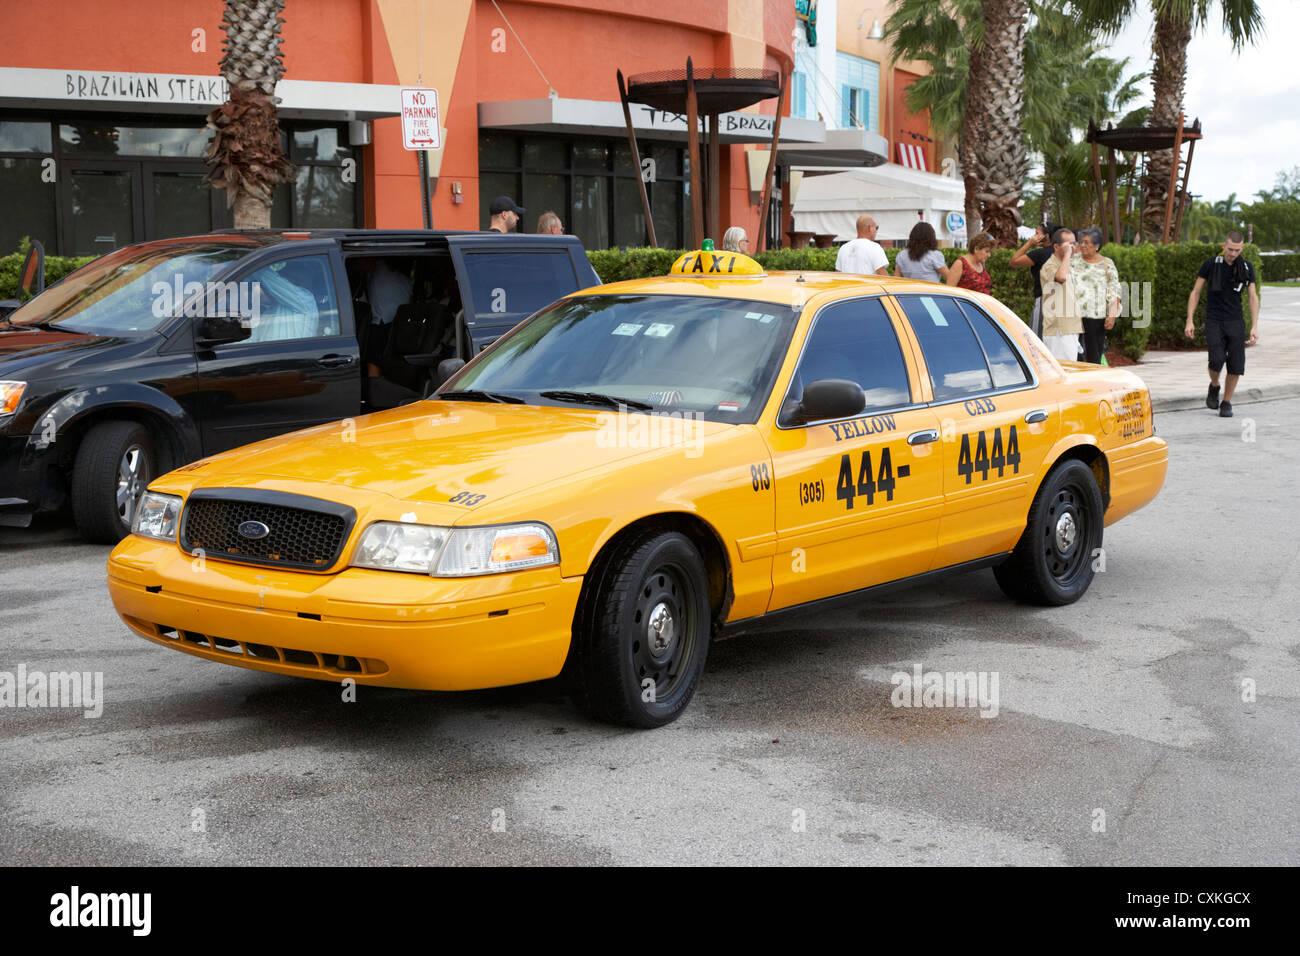 Taxi amarillo en Miami, Florida, EE.UU. Imagen De Stock